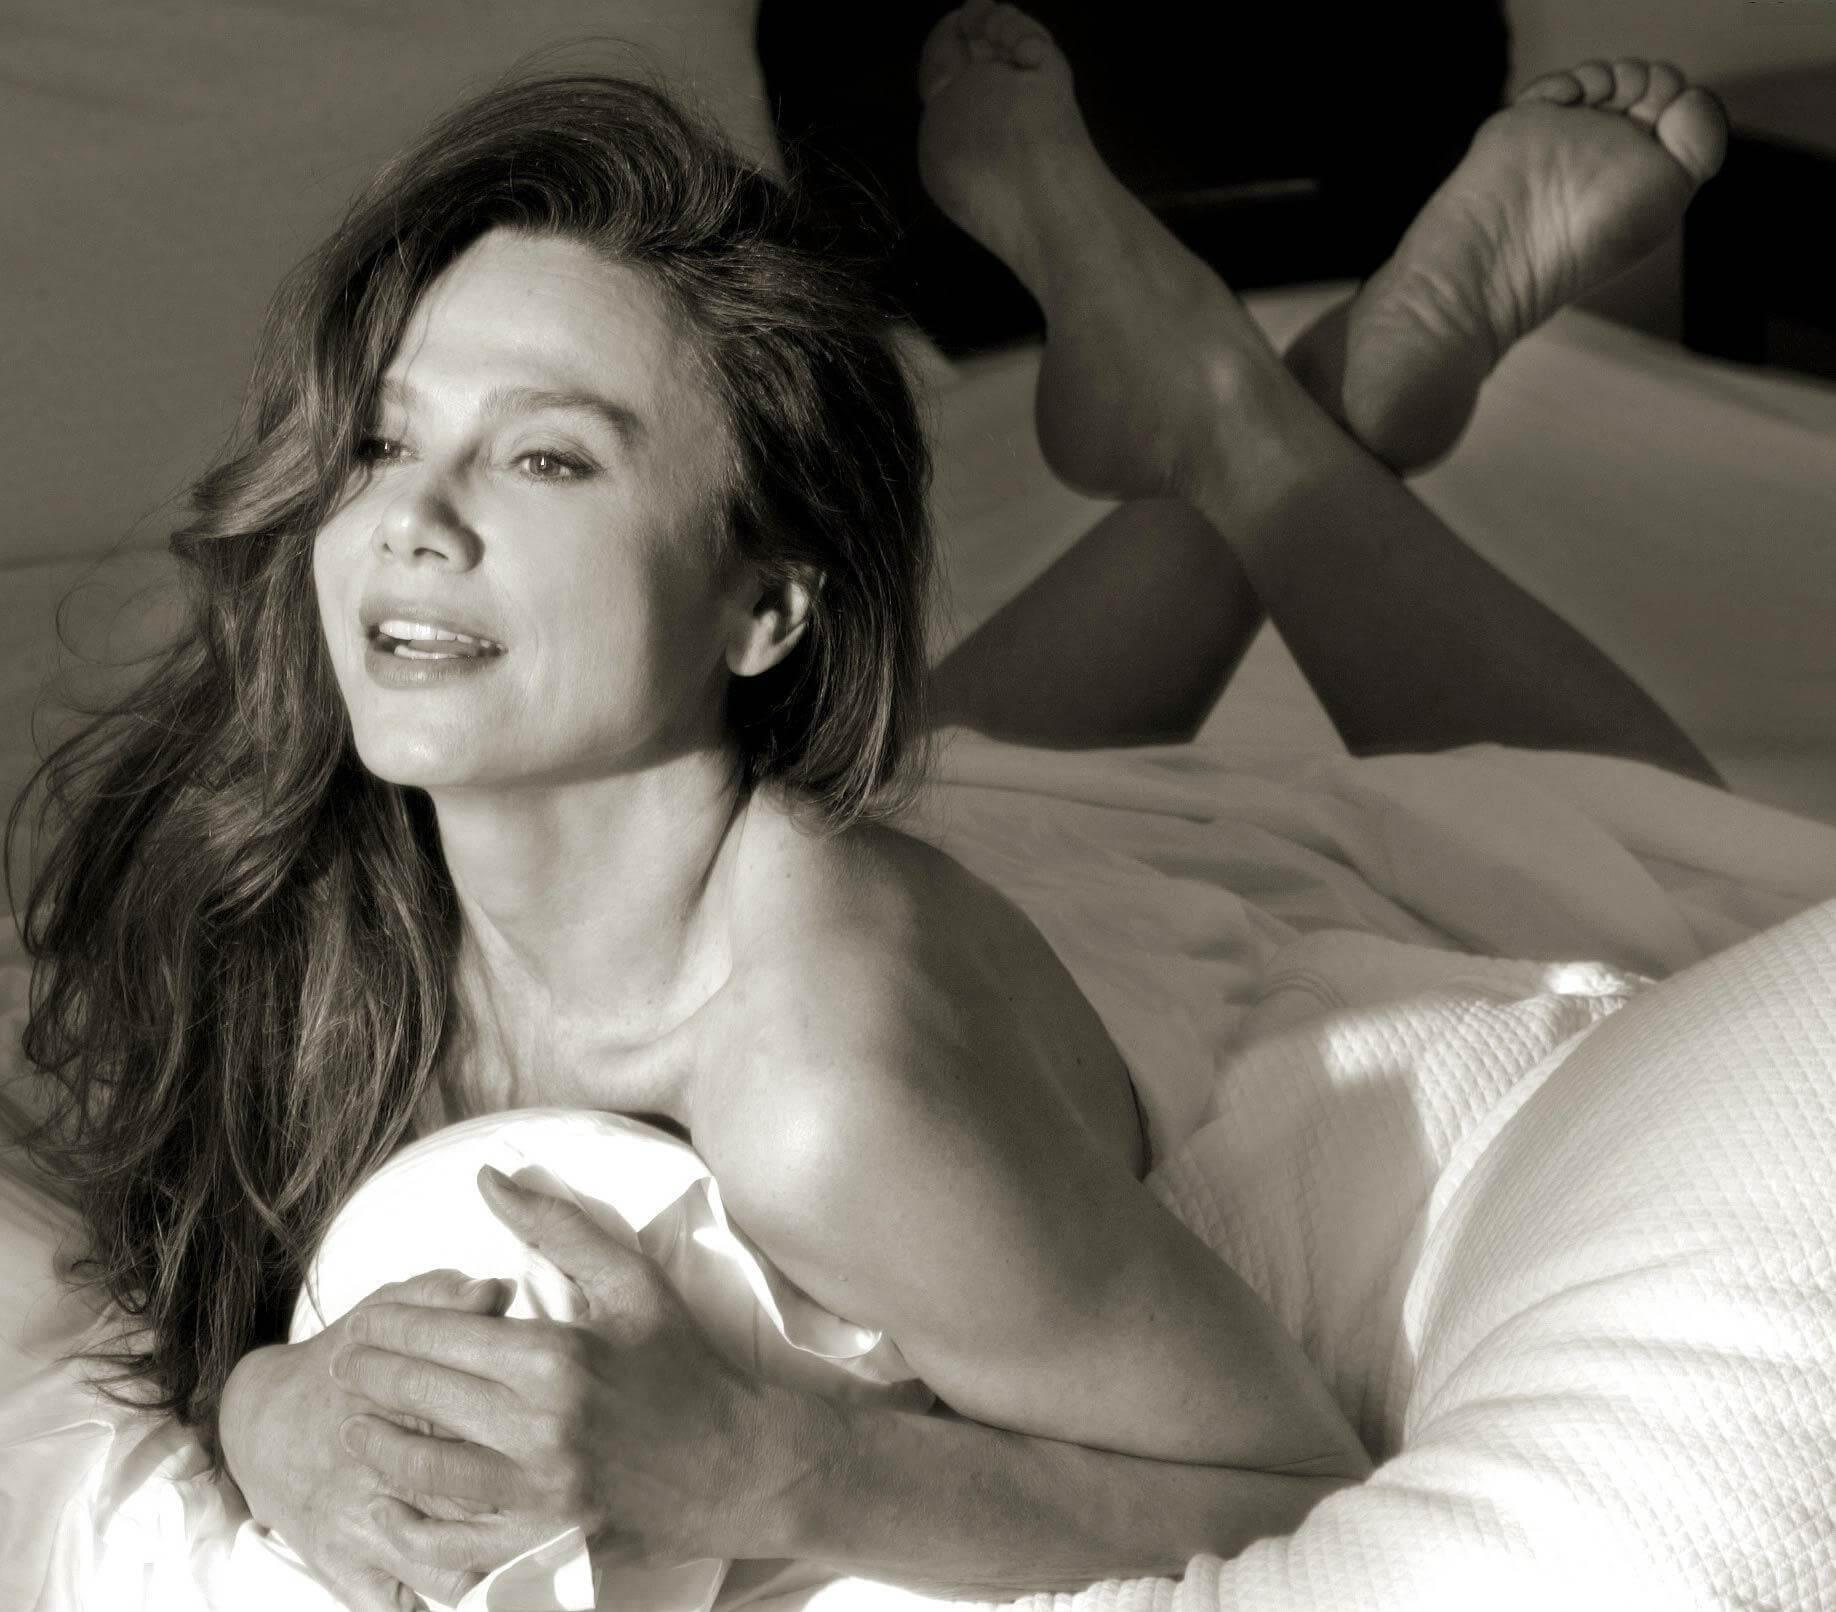 Lena Olin near nude